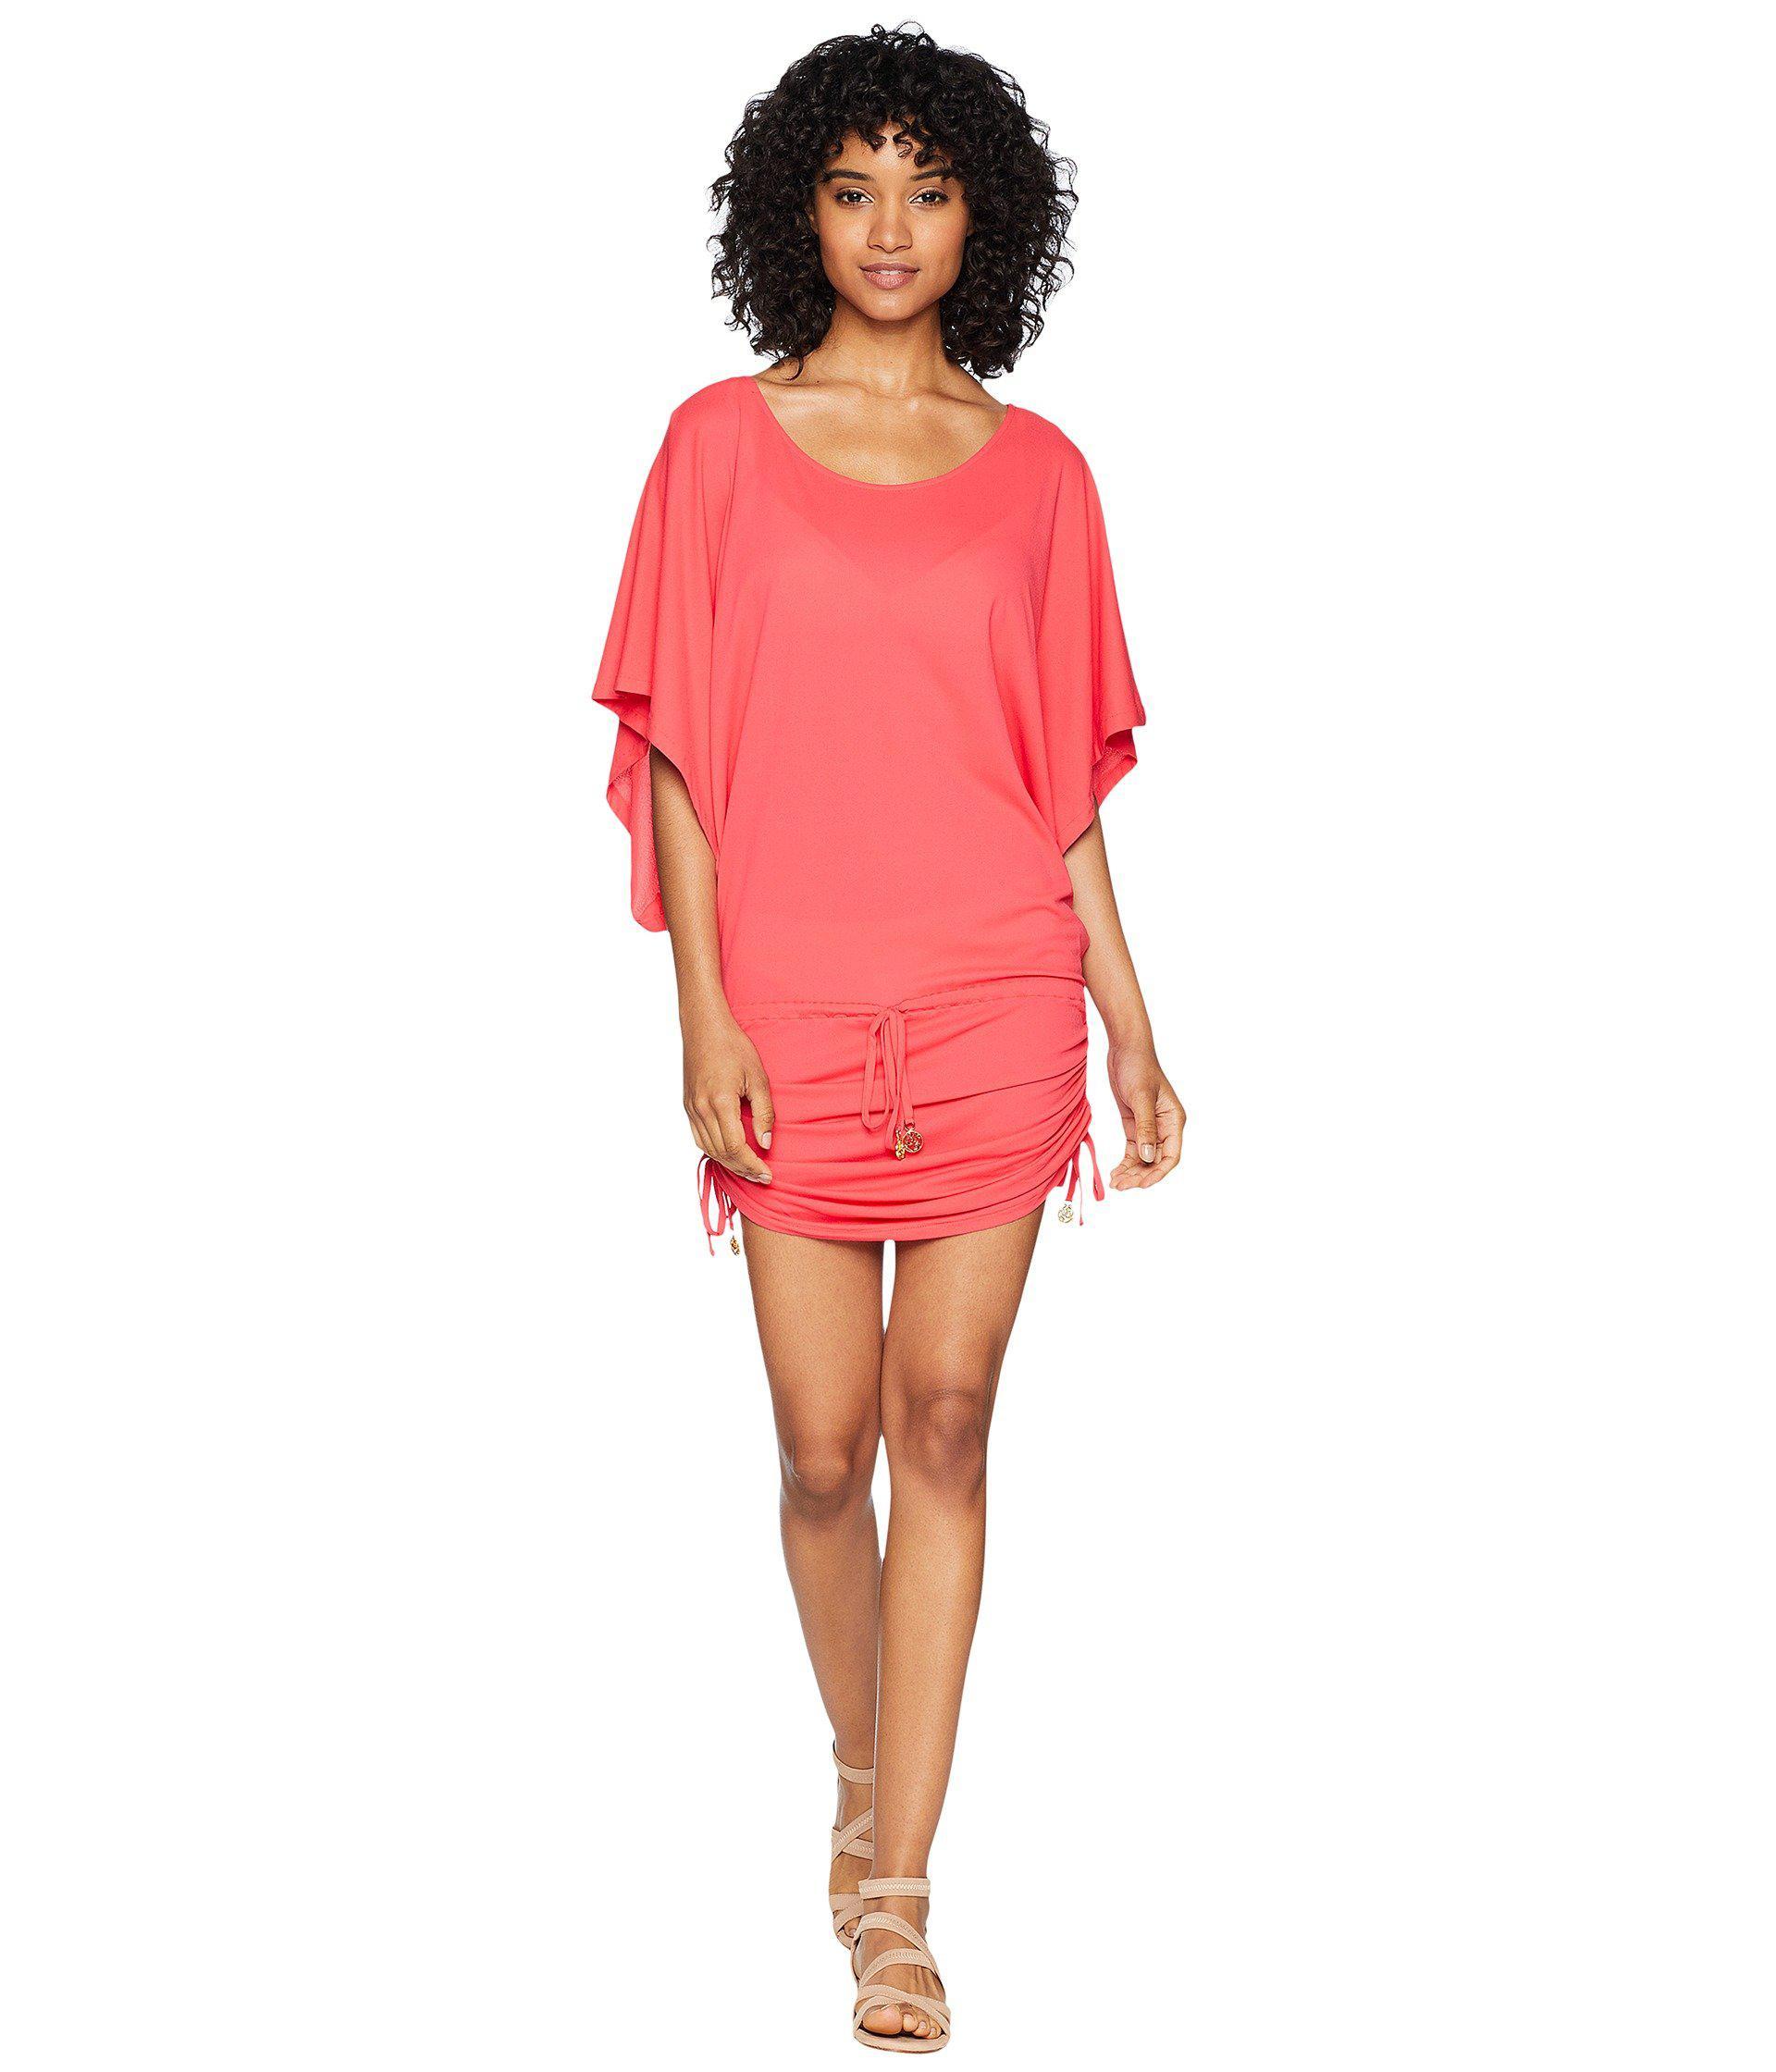 edd59bf9b97c5 Lyst - Luli Fama Cosita Buena South Beach Dress Cover-up (black ...